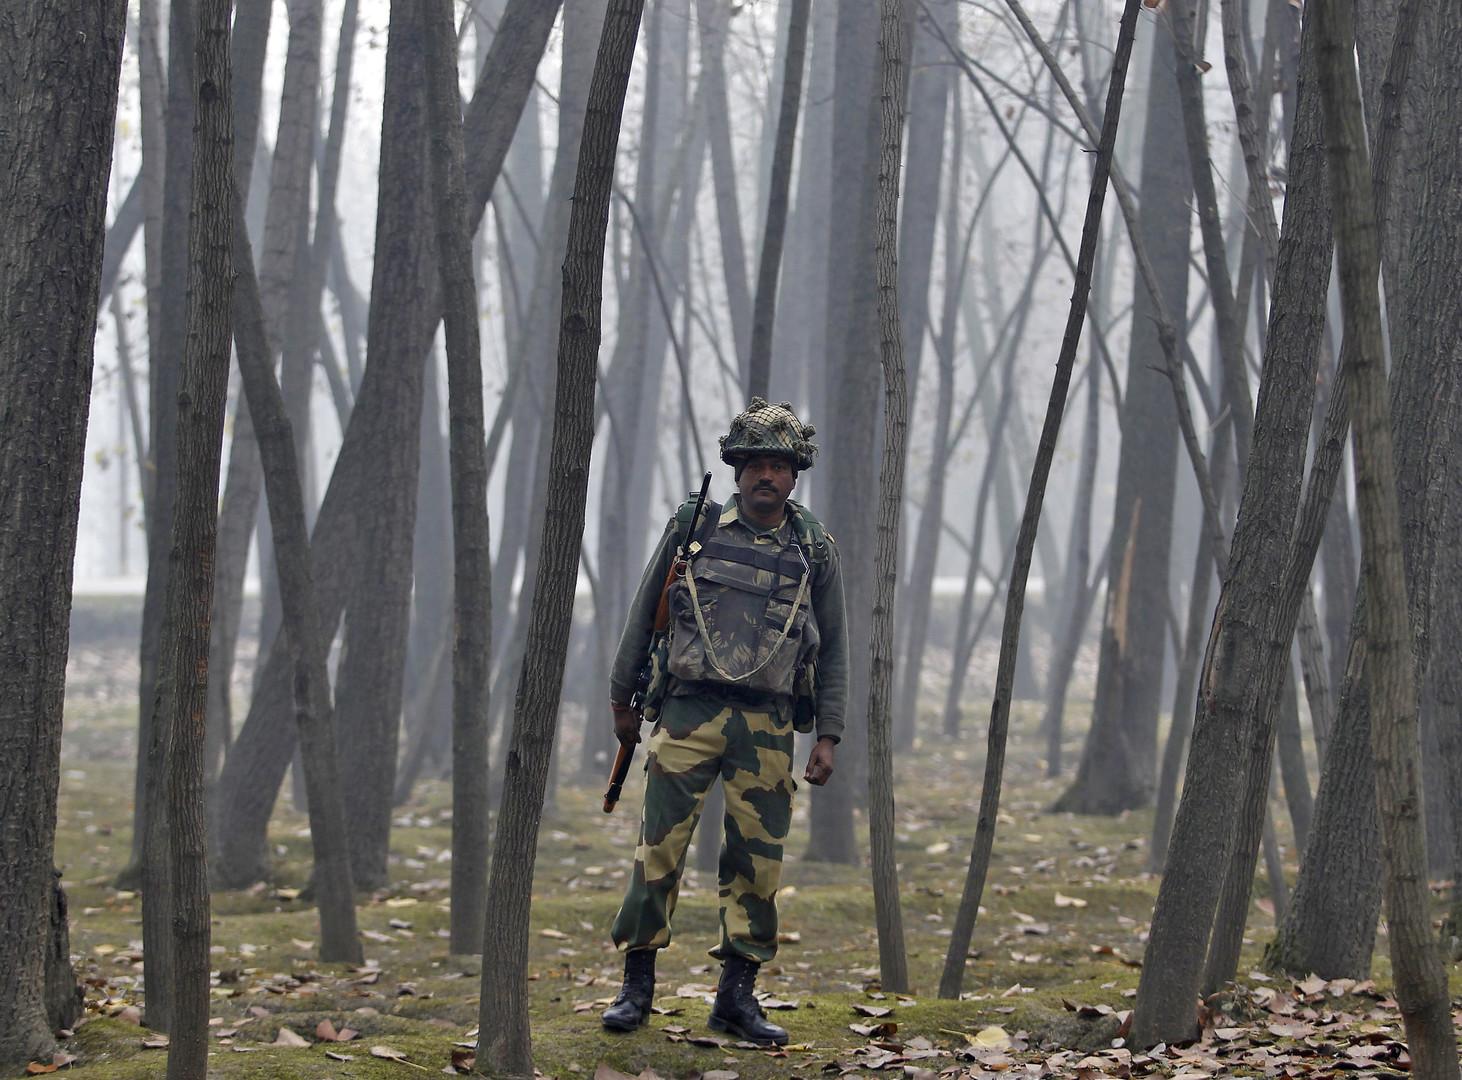 باكستان: مقتل مدنيين في كشمير بقصف هندي عبر الحدود